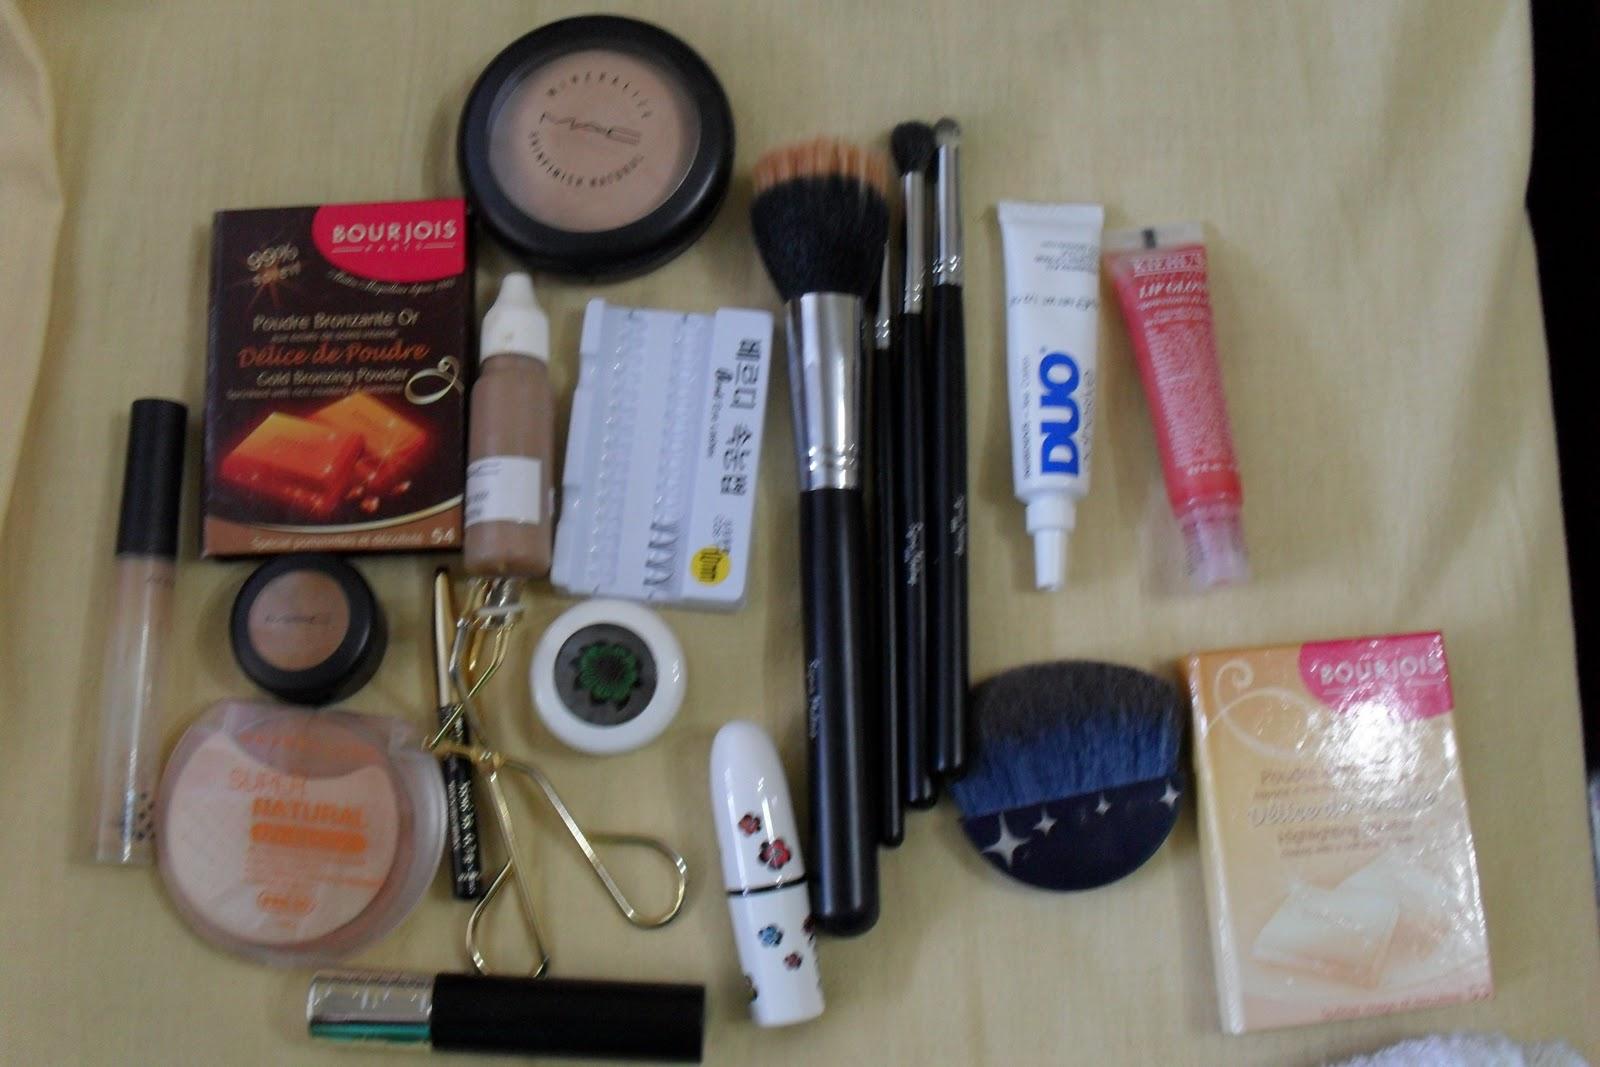 http://3.bp.blogspot.com/_3yCte8W4Xb8/TUIg76xcITI/AAAAAAAAAdg/IsP6Eyysqx8/s1600/olivia.JPG